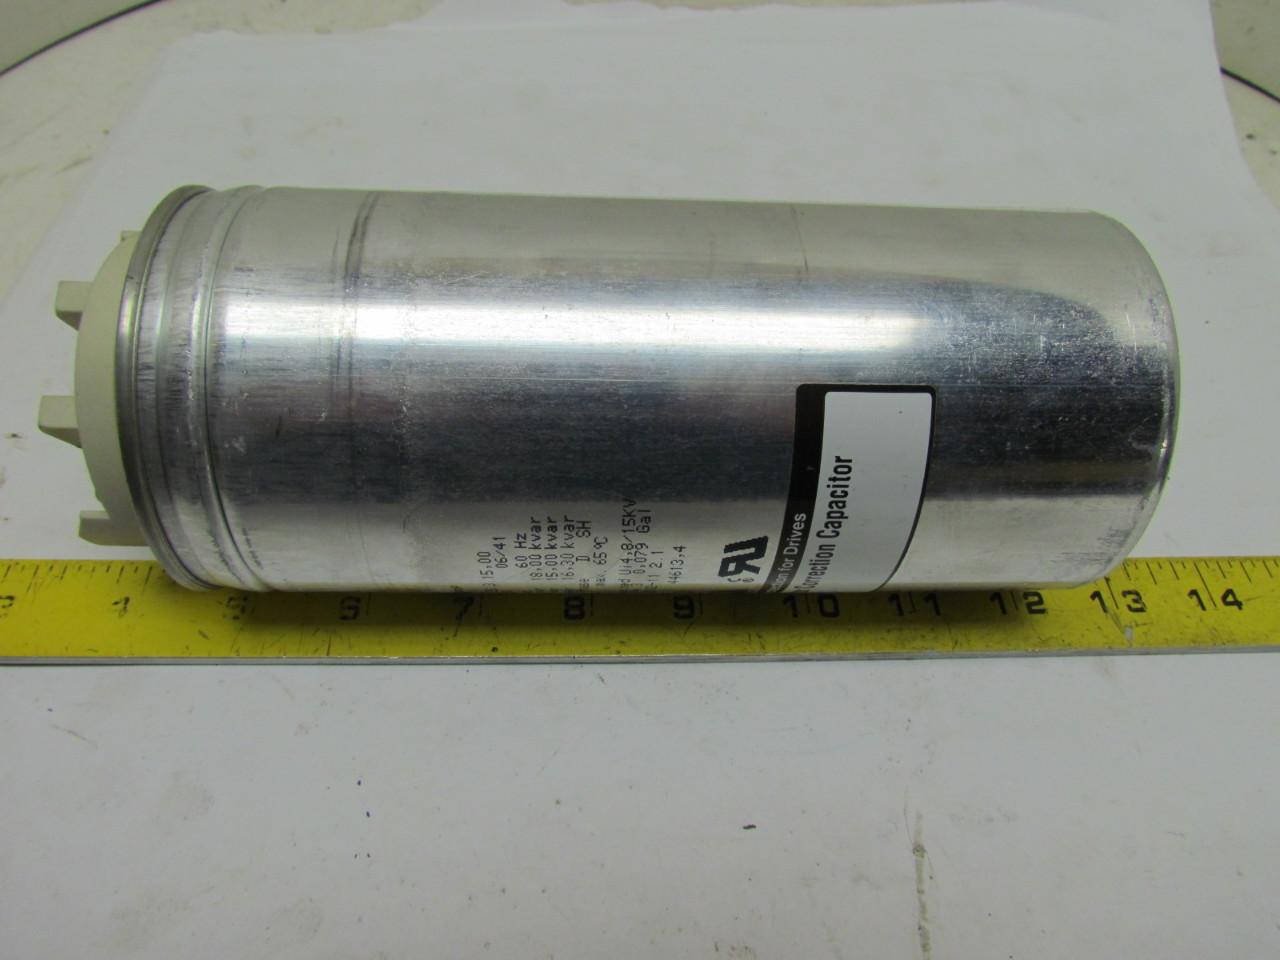 Transicoil kcap15a6b kcap power factor correction for Power factor correction capacitors for motors